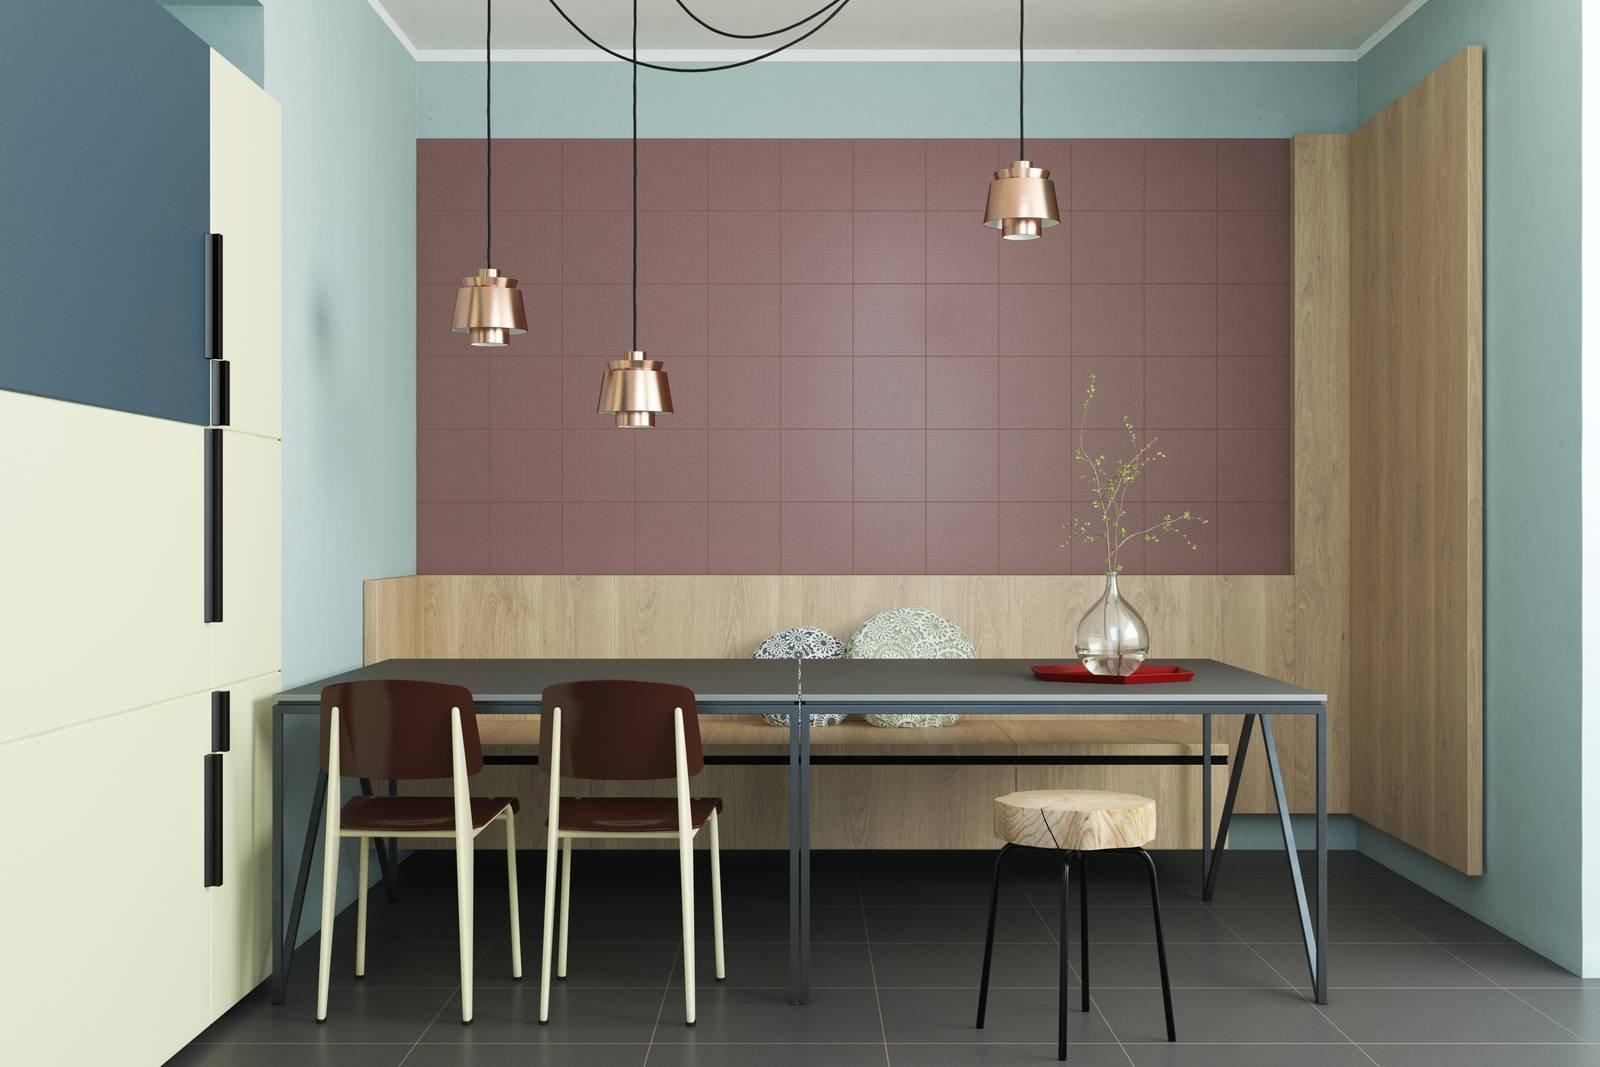 Piastrelle cucina a pavimento o parete anche multicolor cose di casa